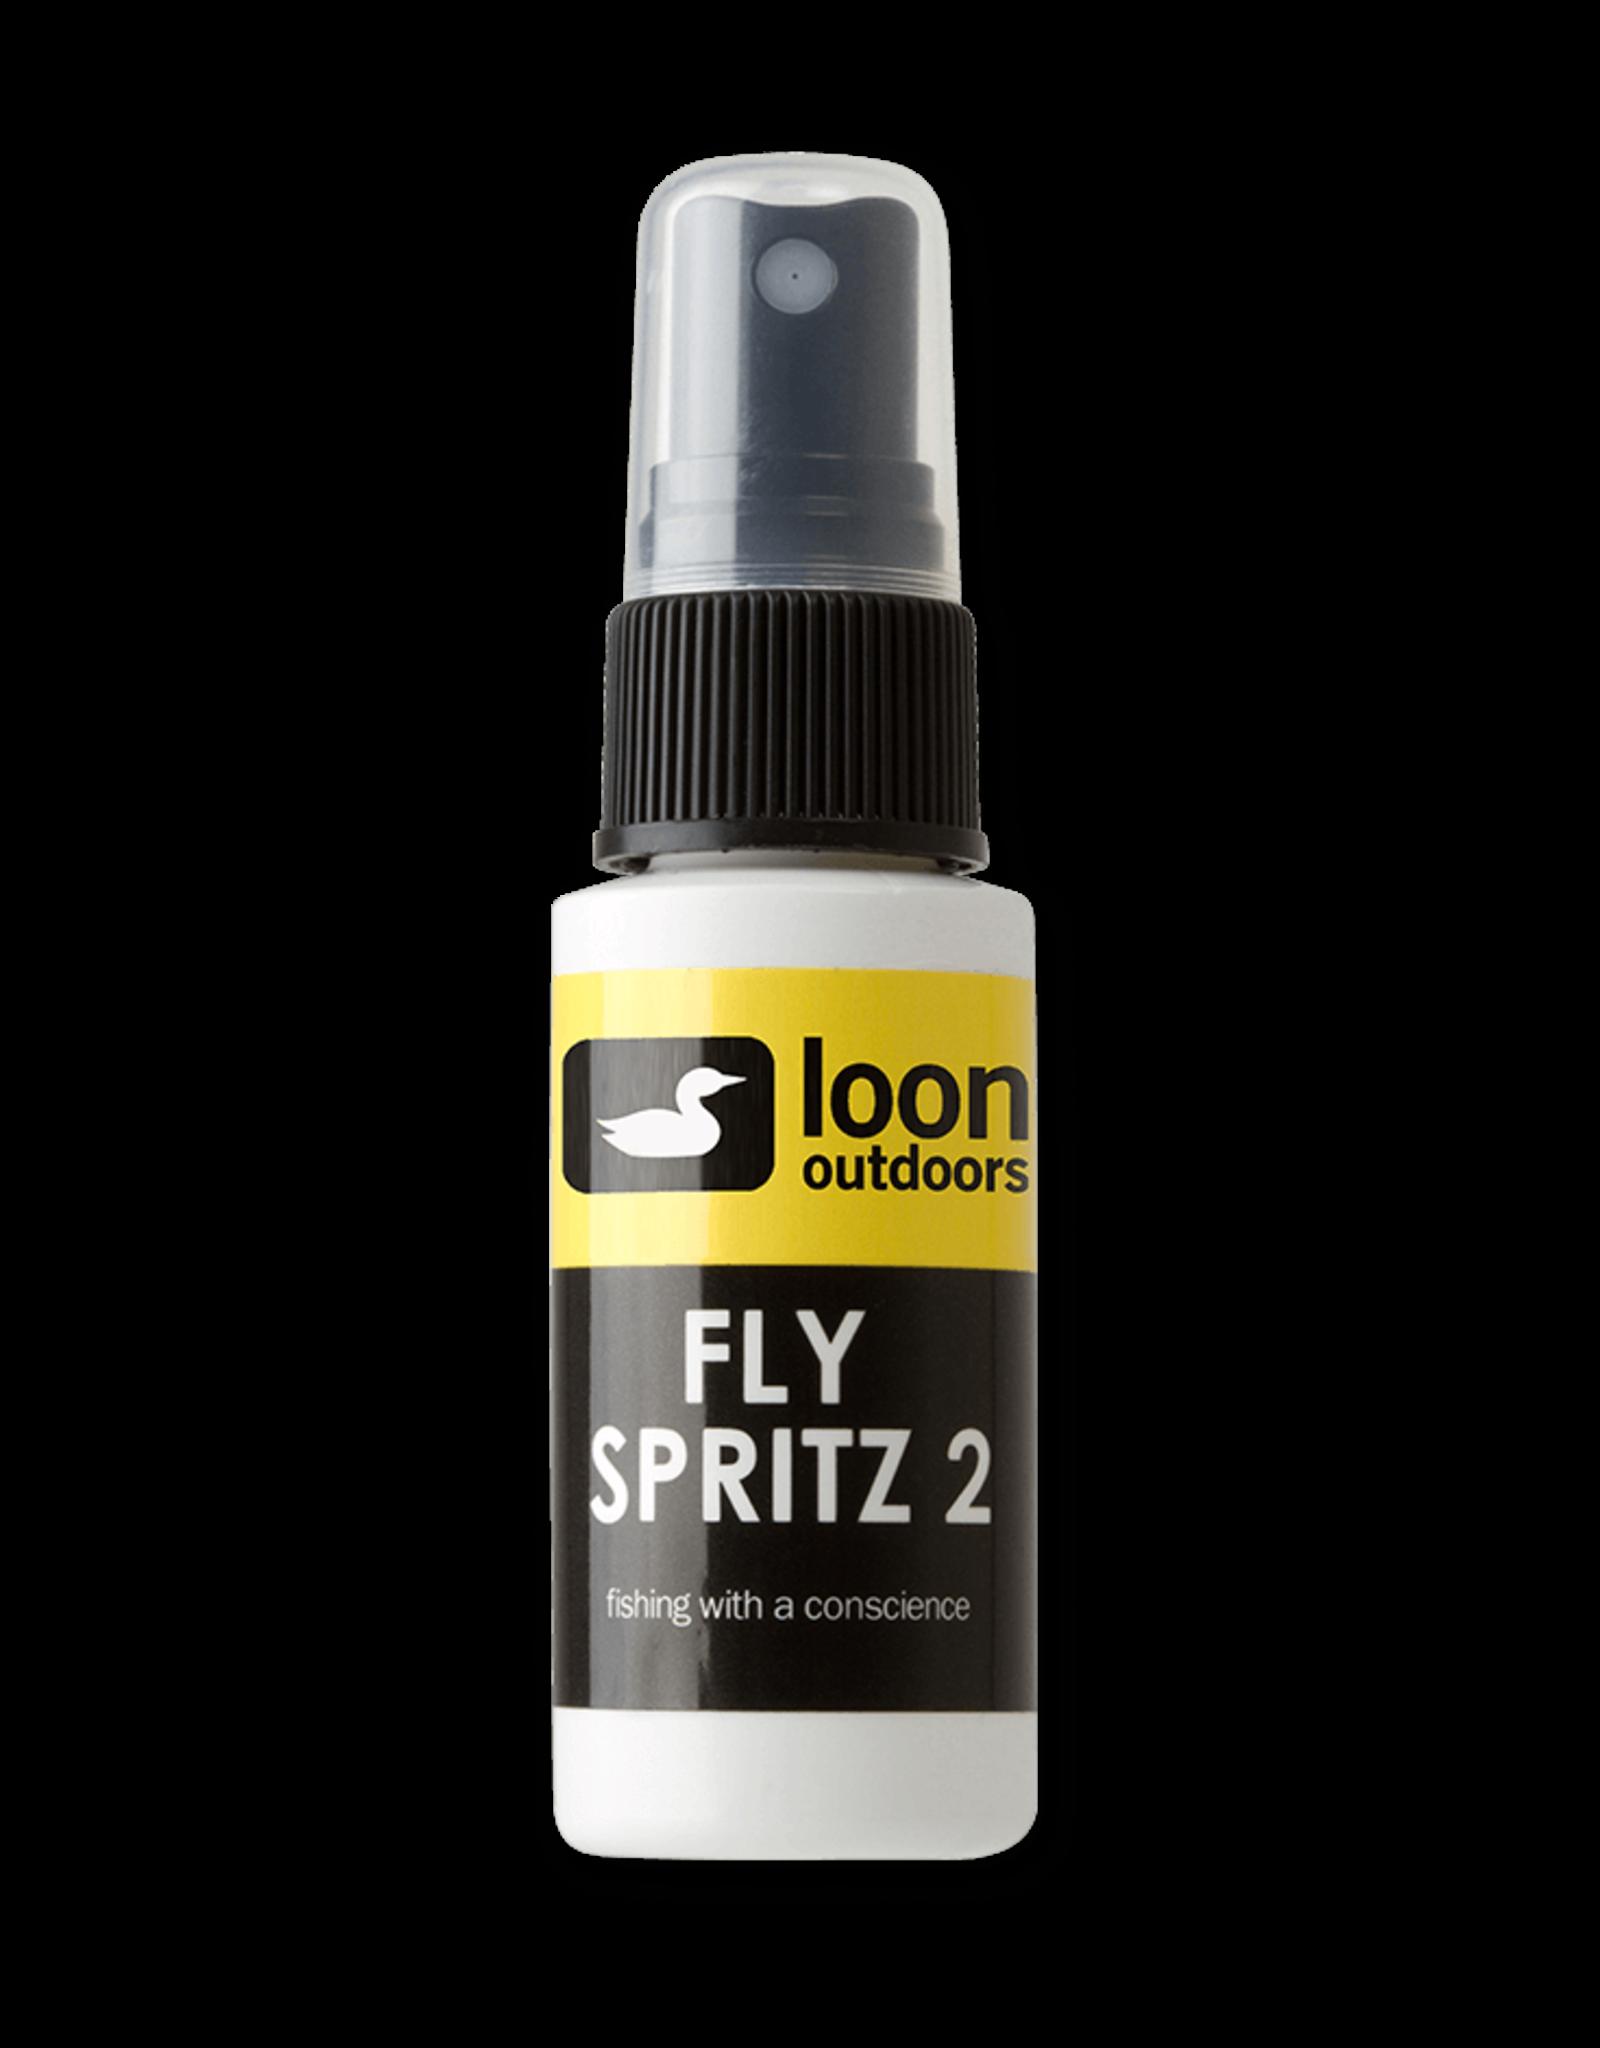 Loon Loon Fly Spritz 2